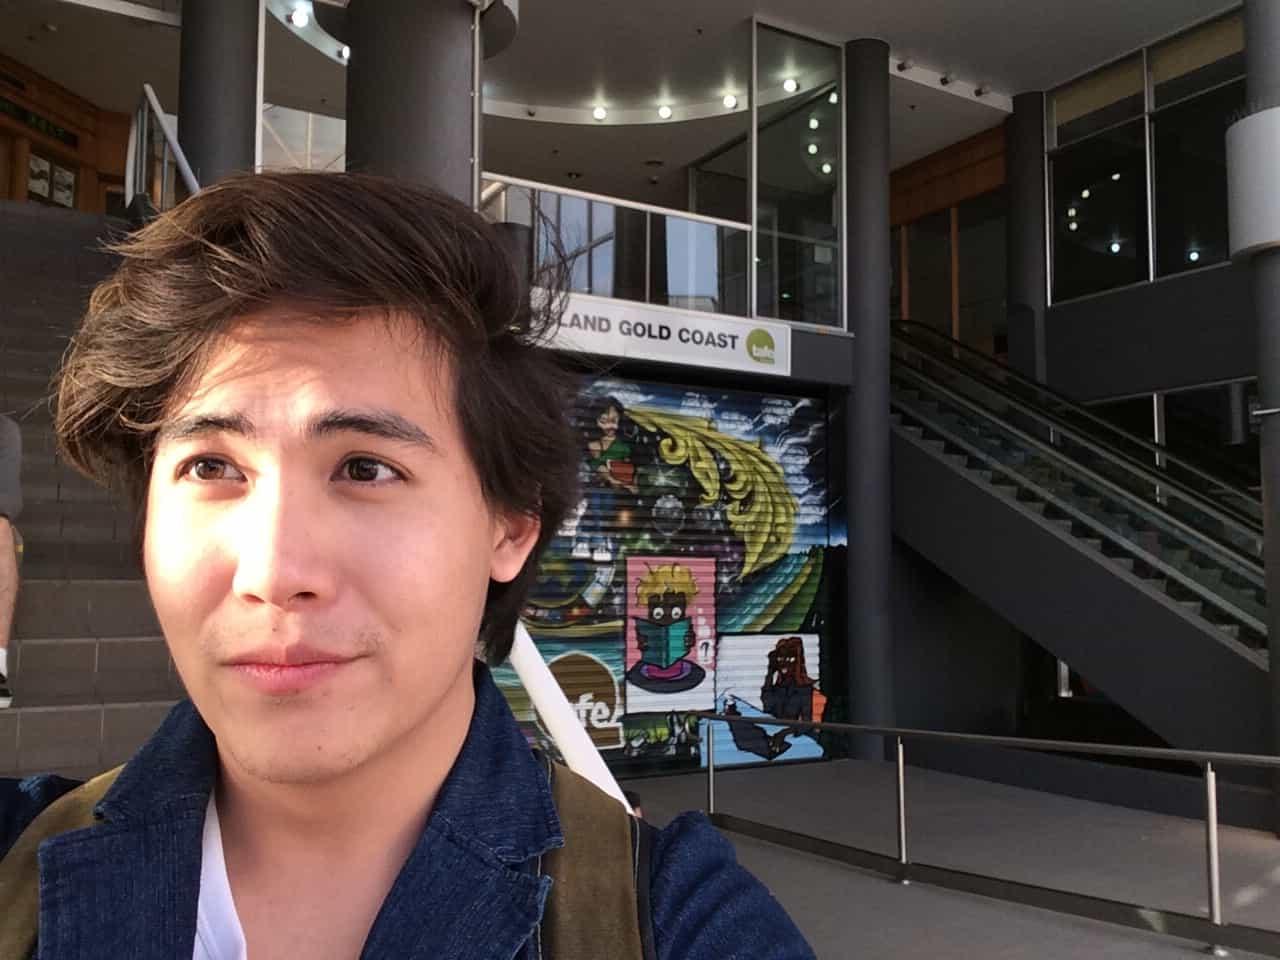 น้องบอมบ์ เรียนภาษาอังกฤษที่ TAFE Queensland Gold Coast